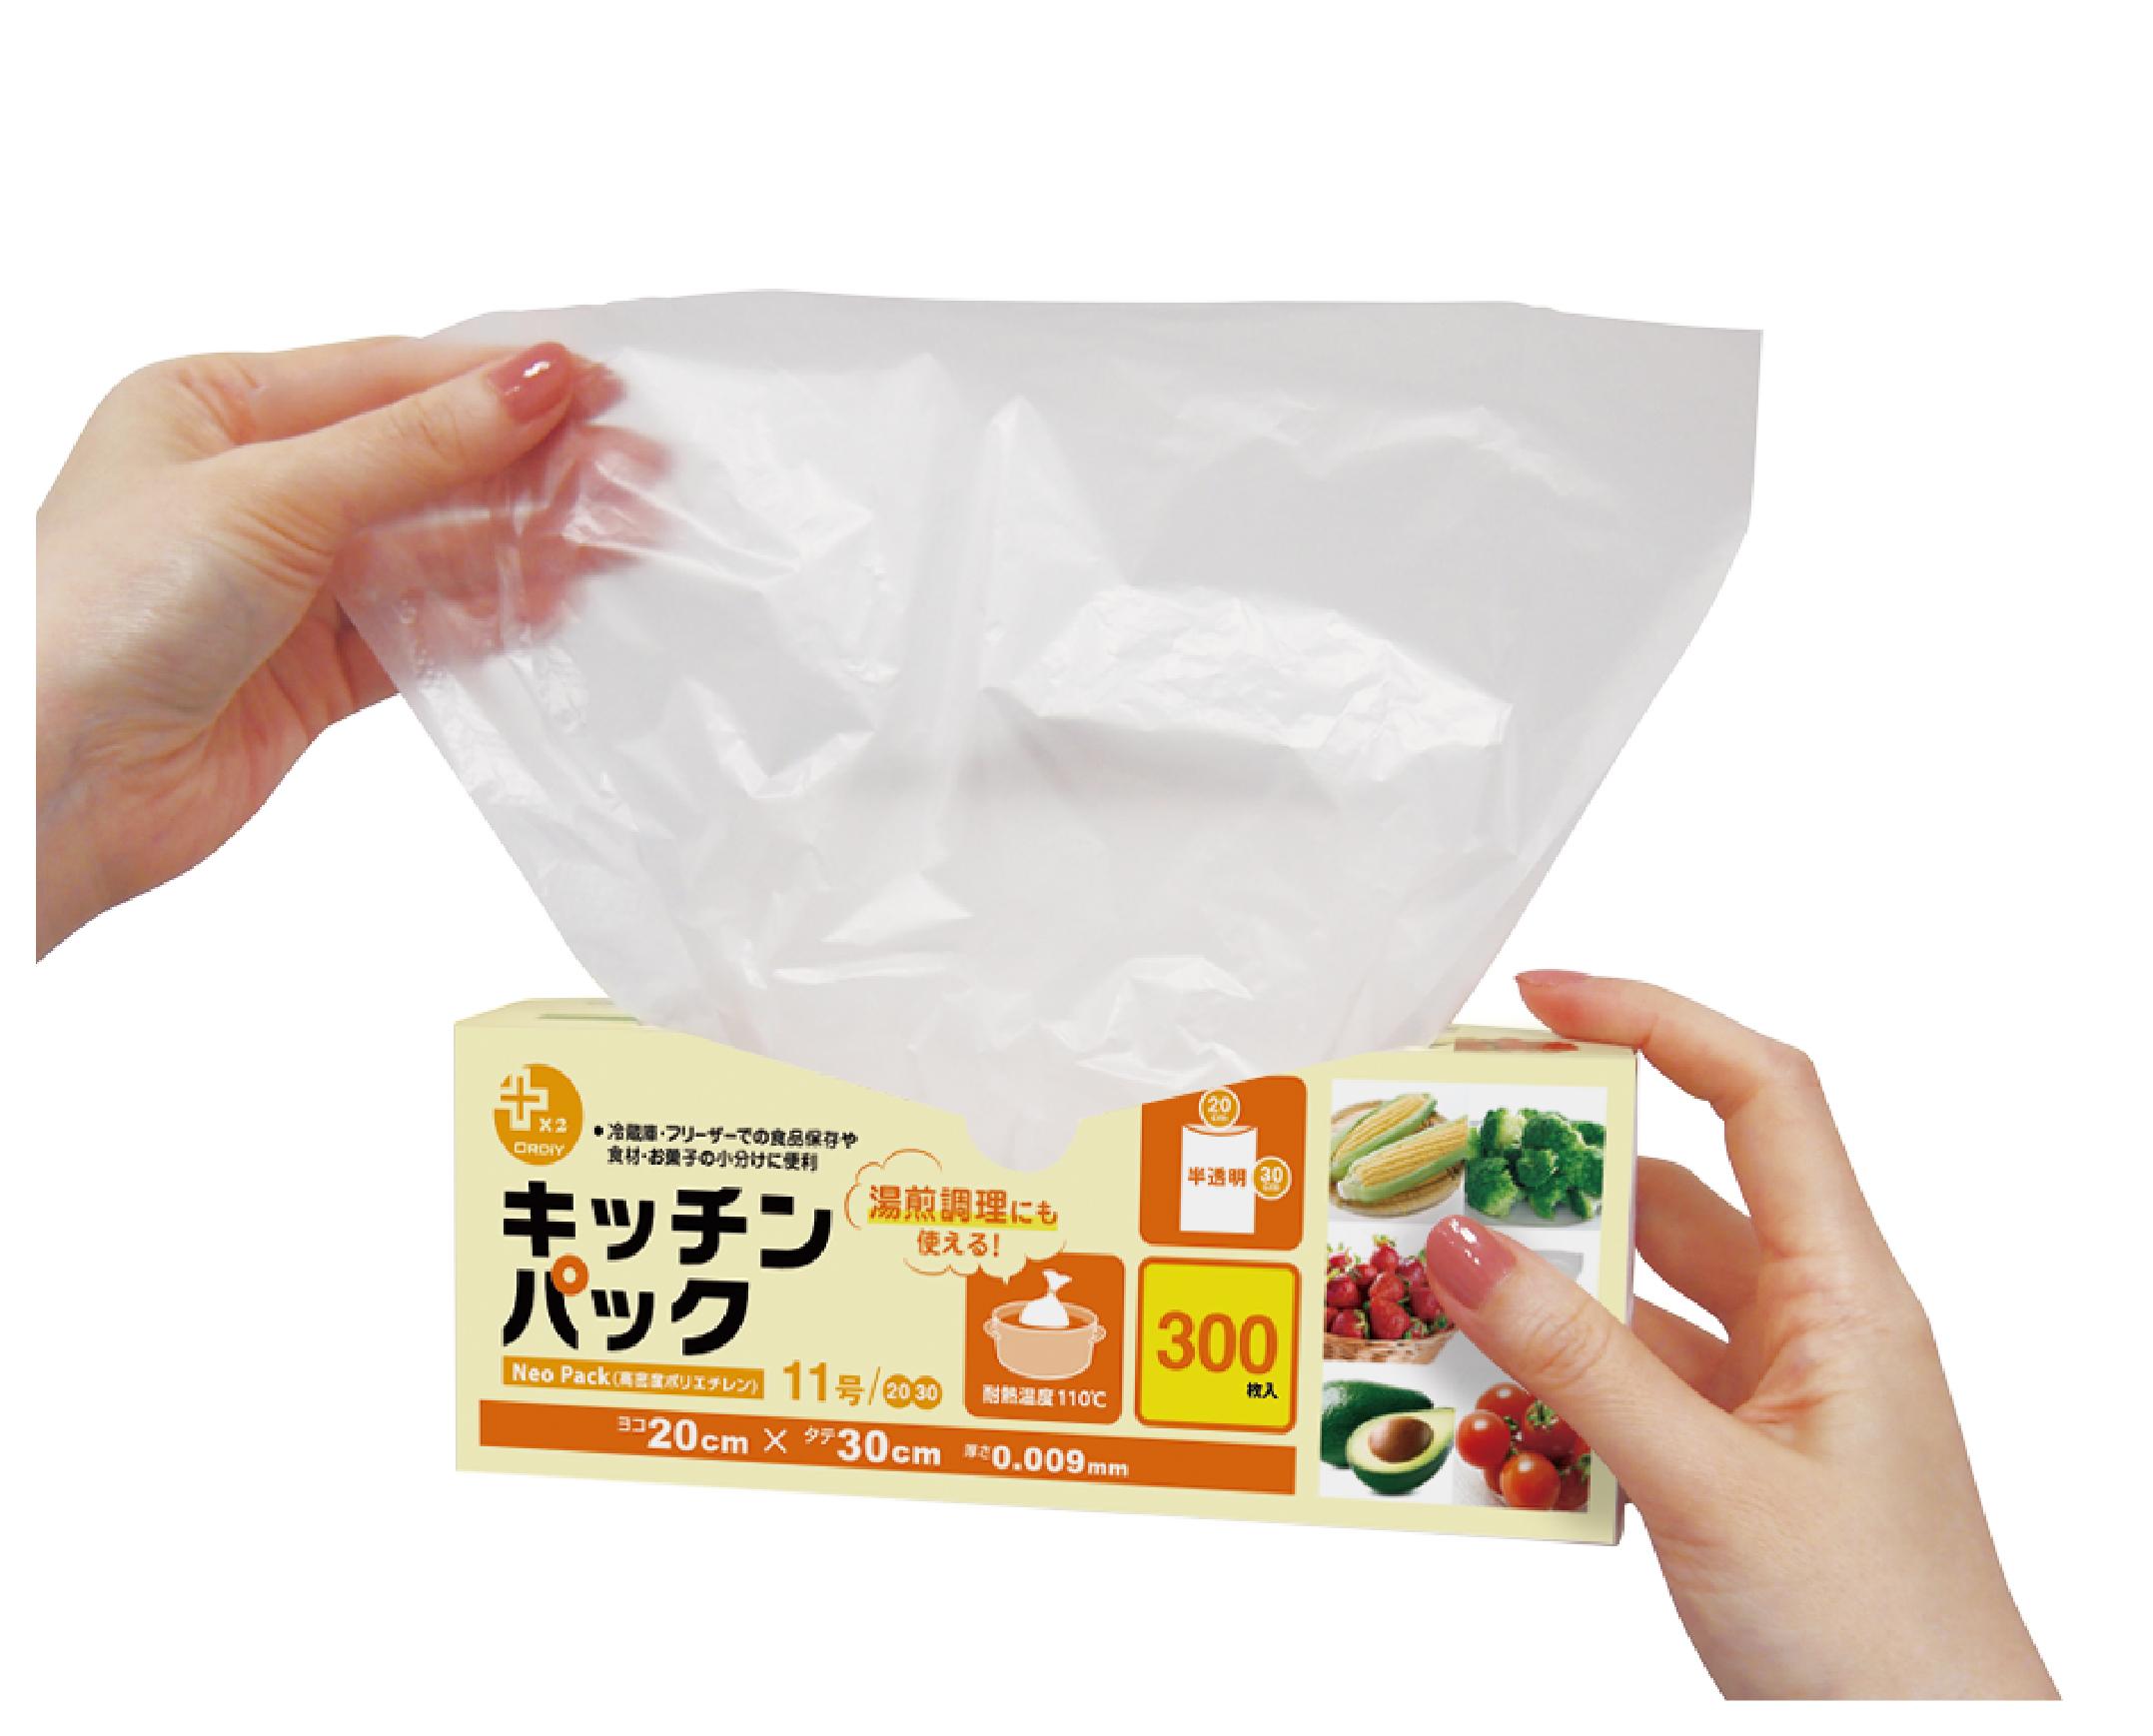 湯煎もできちゃう《プラスプラス キッチンパック11号》は大容量でじゃんじゃん使える!